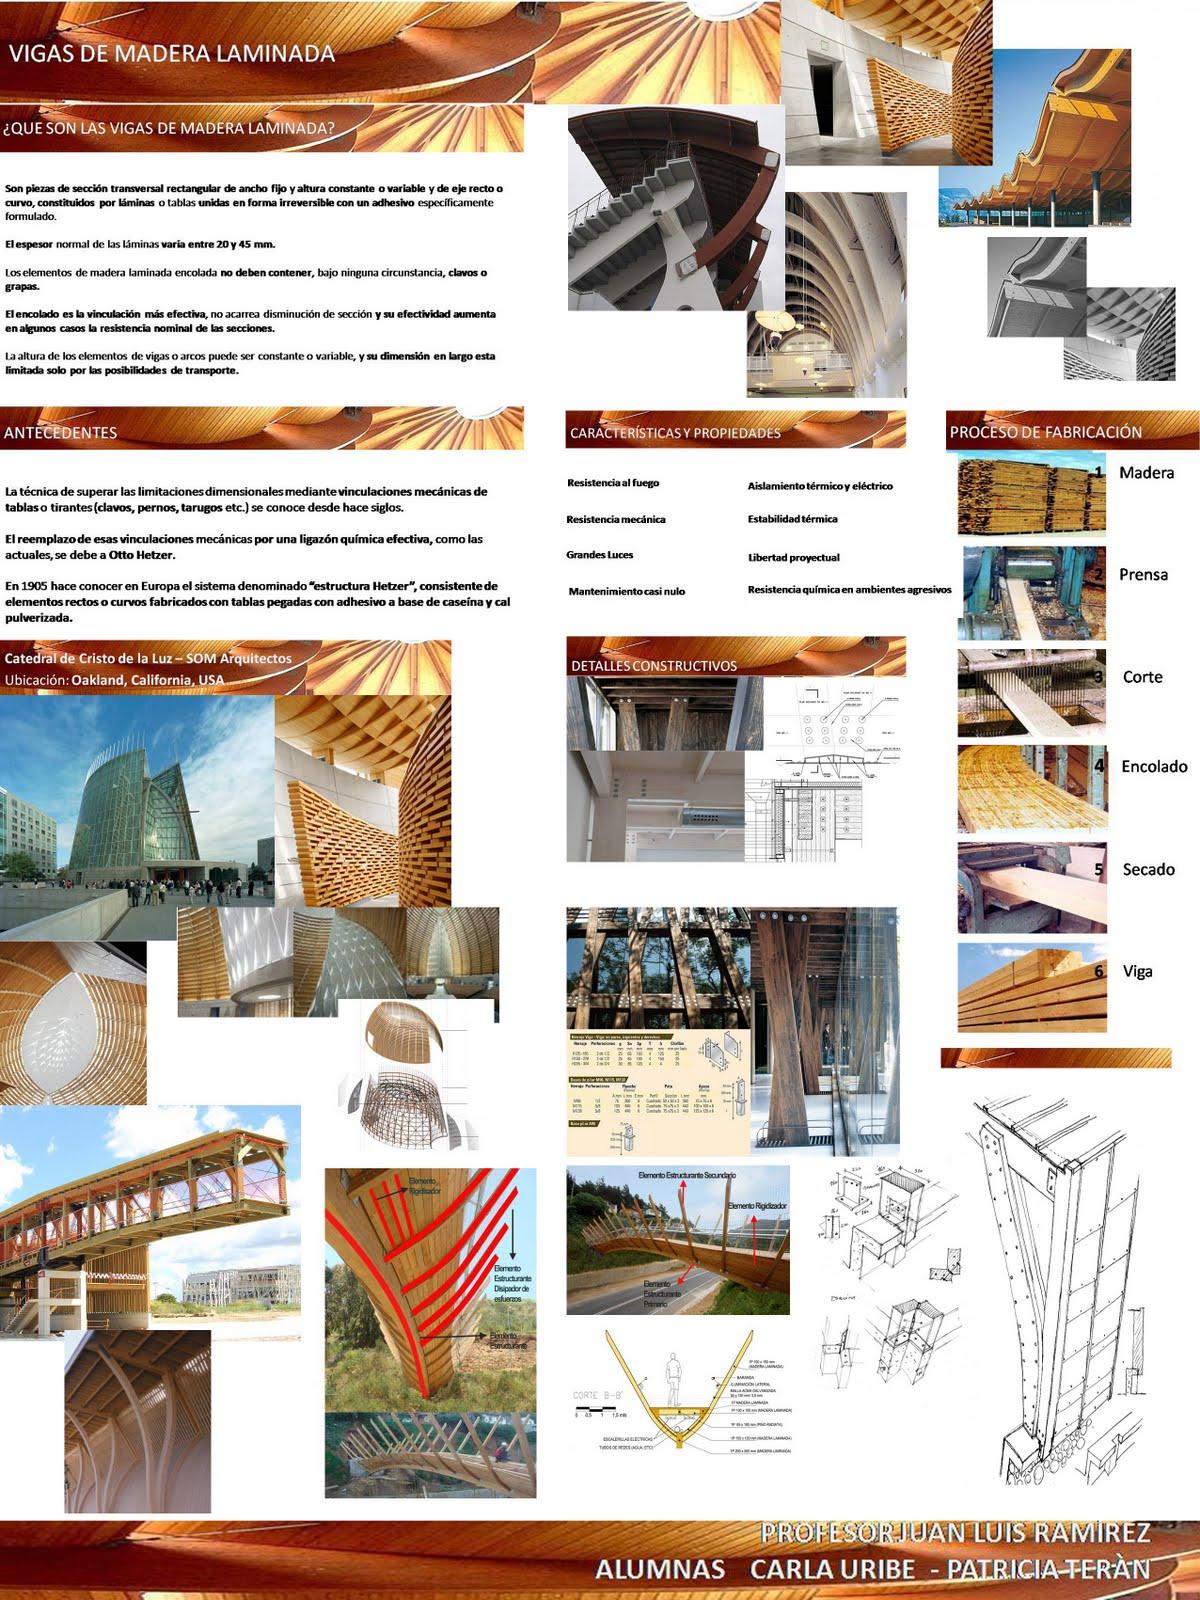 Estructuras iii vigas de madera laminada - Estructuras de madera laminada ...